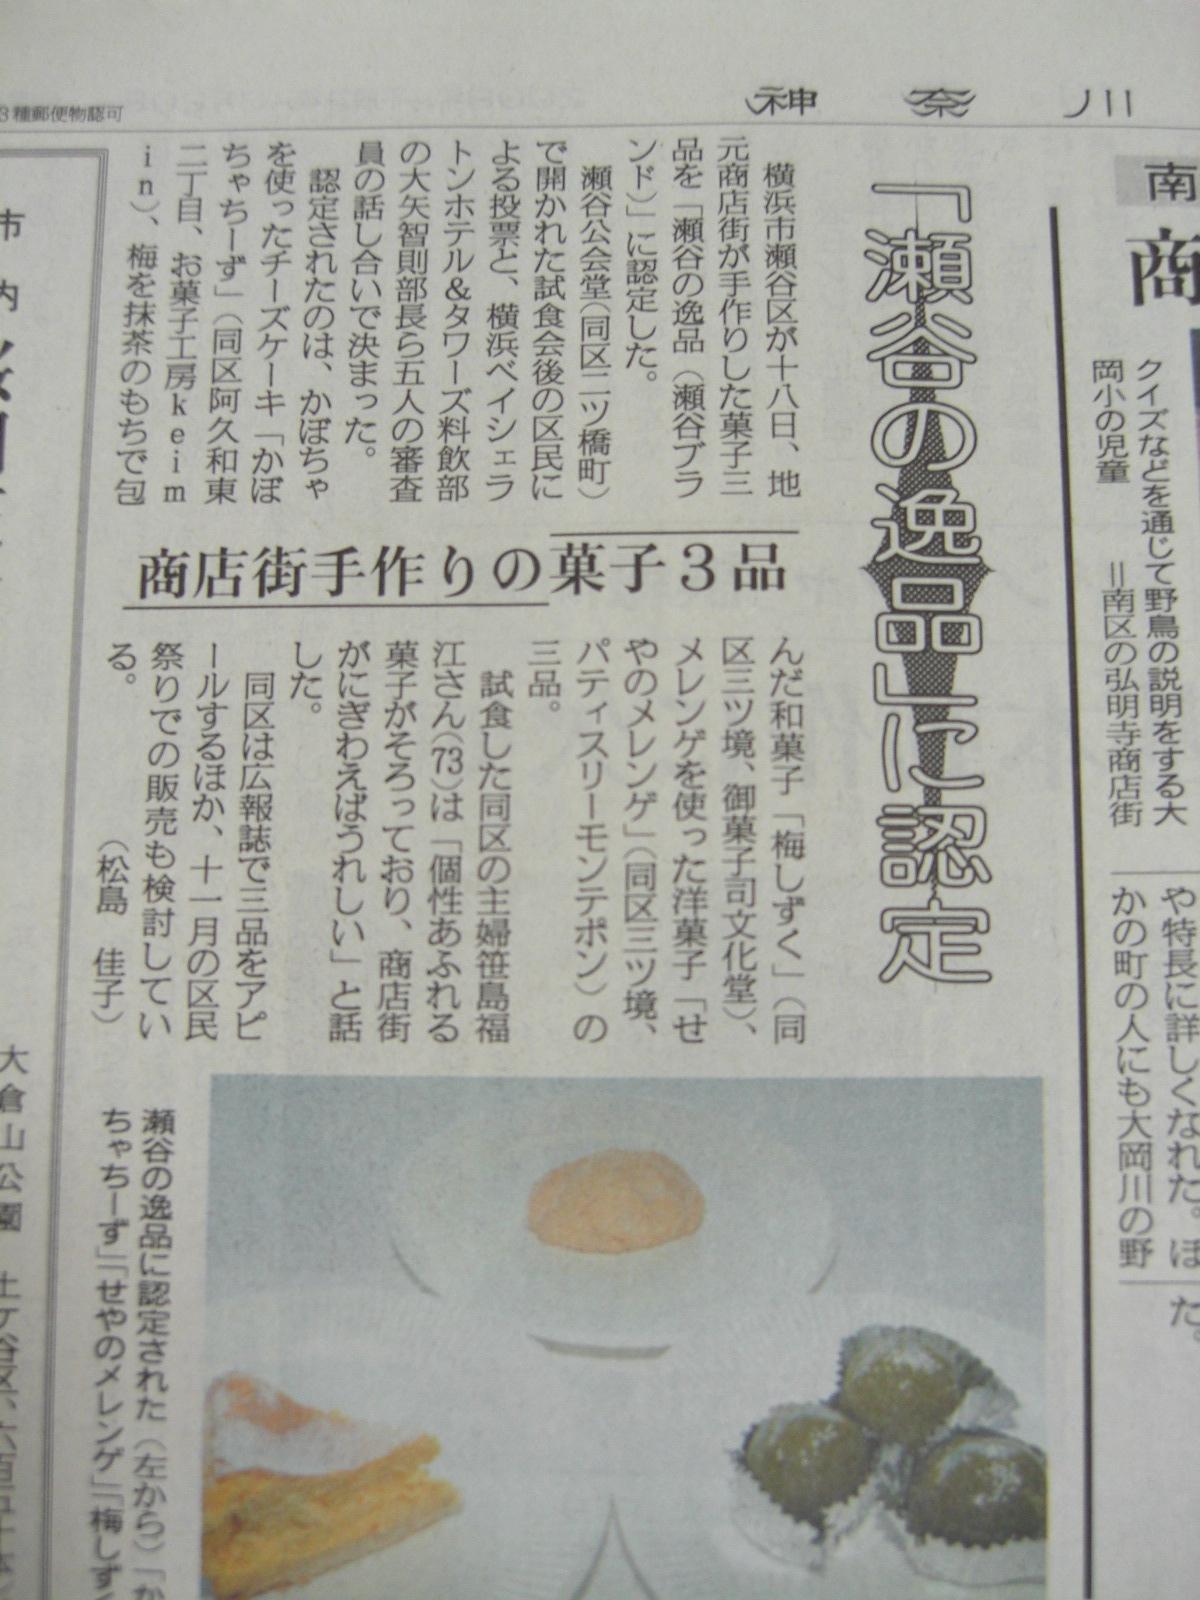 夏のおすすめムースケーキ&ストーリー⑯_c0169360_6193594.jpg